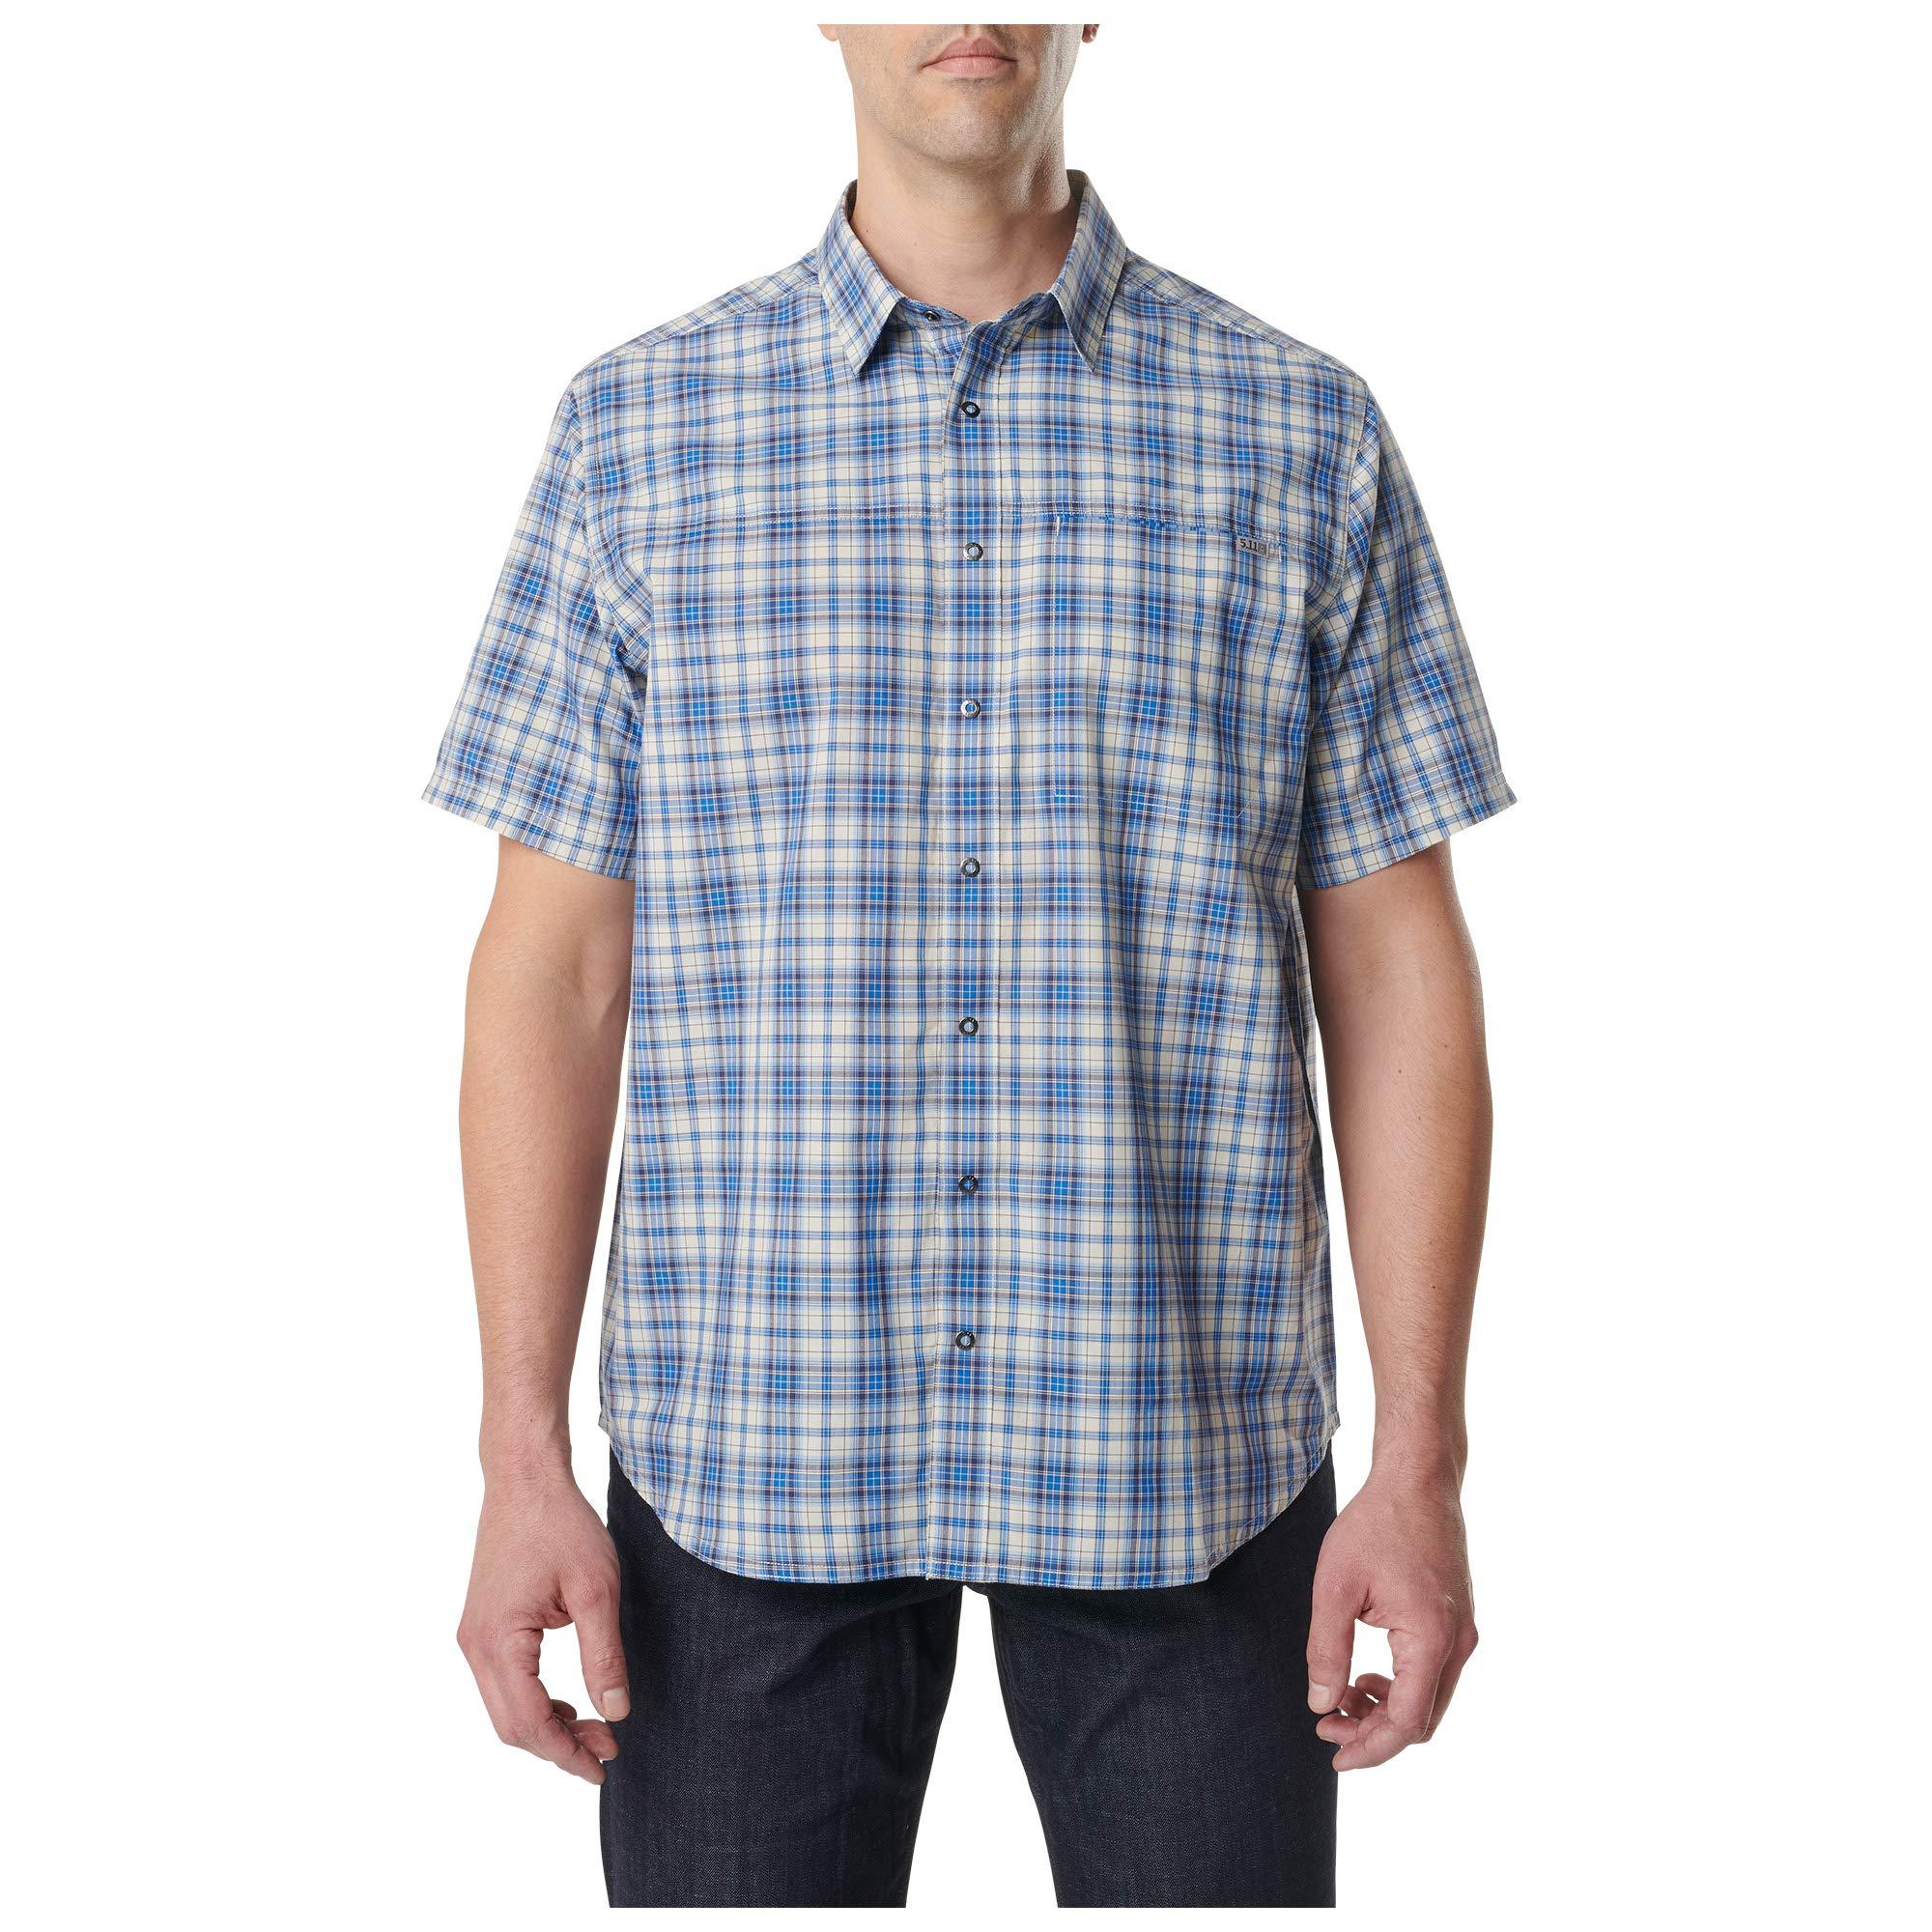 5.11 Tactical Camisa de manga corta de cuadros cazadores de poliéster para hombre, estilo 71374